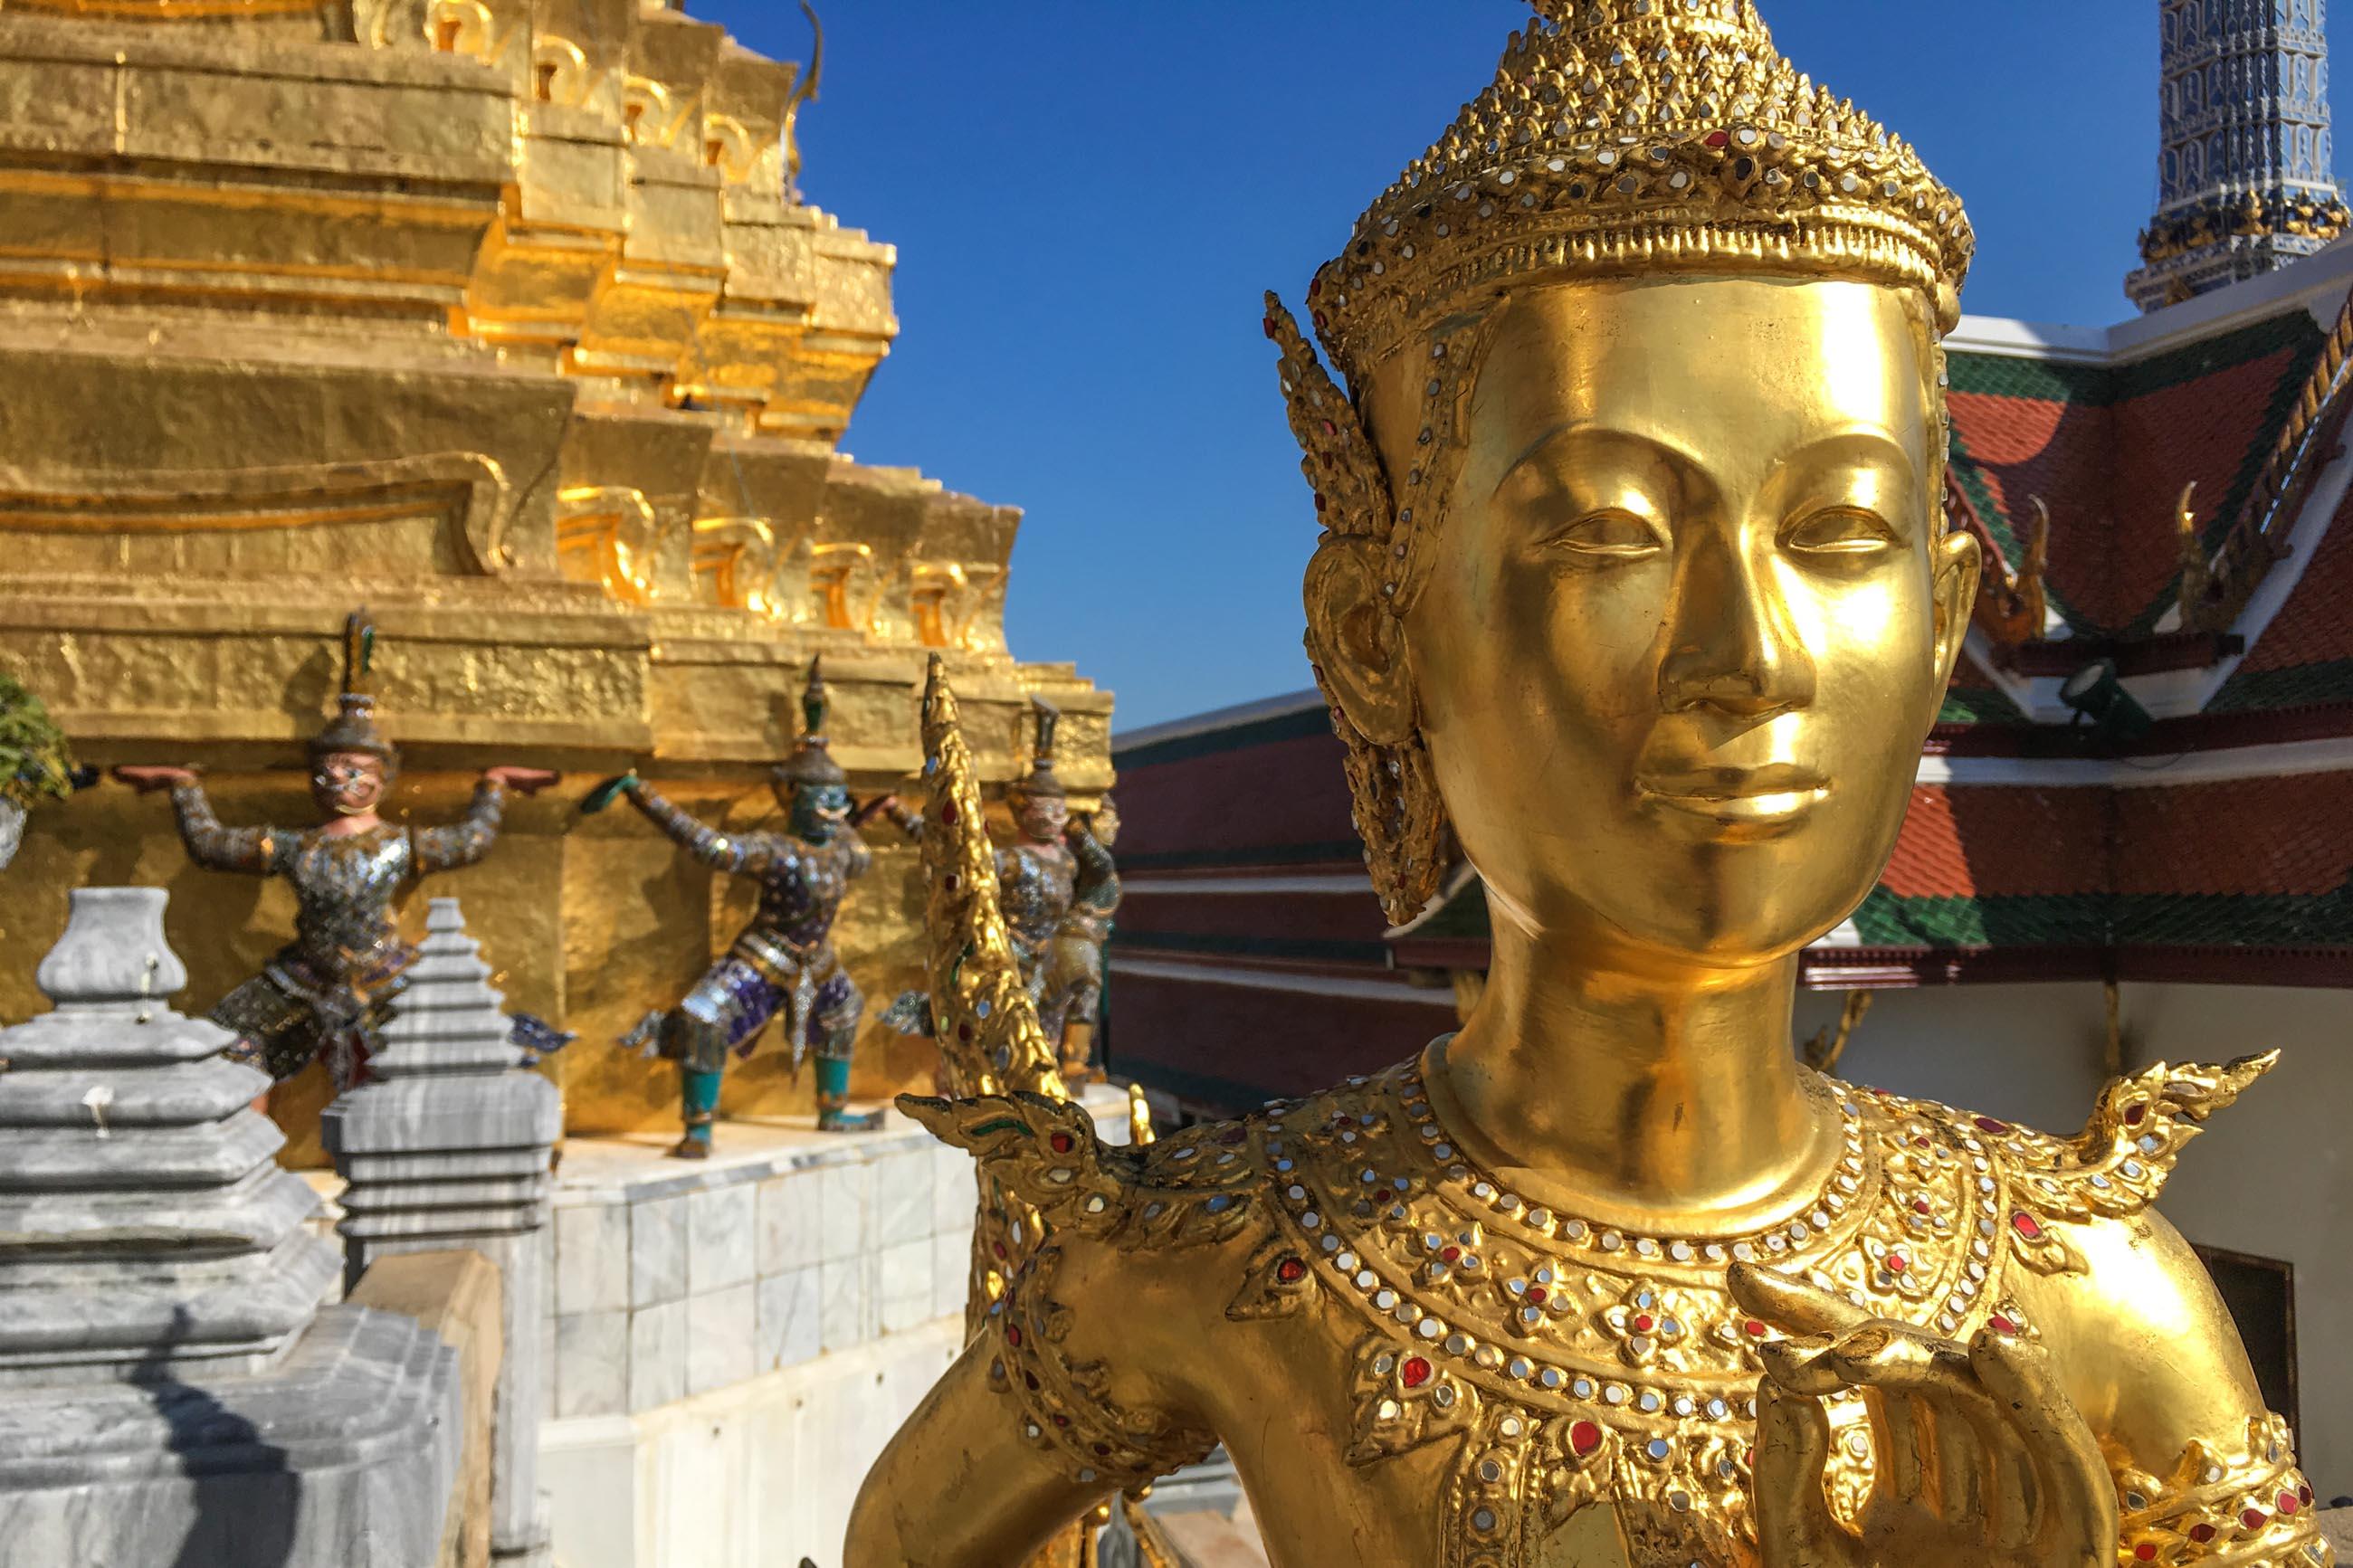 https://bubo.sk/uploads/galleries/7404/hornak_bangkok-palac.jpg